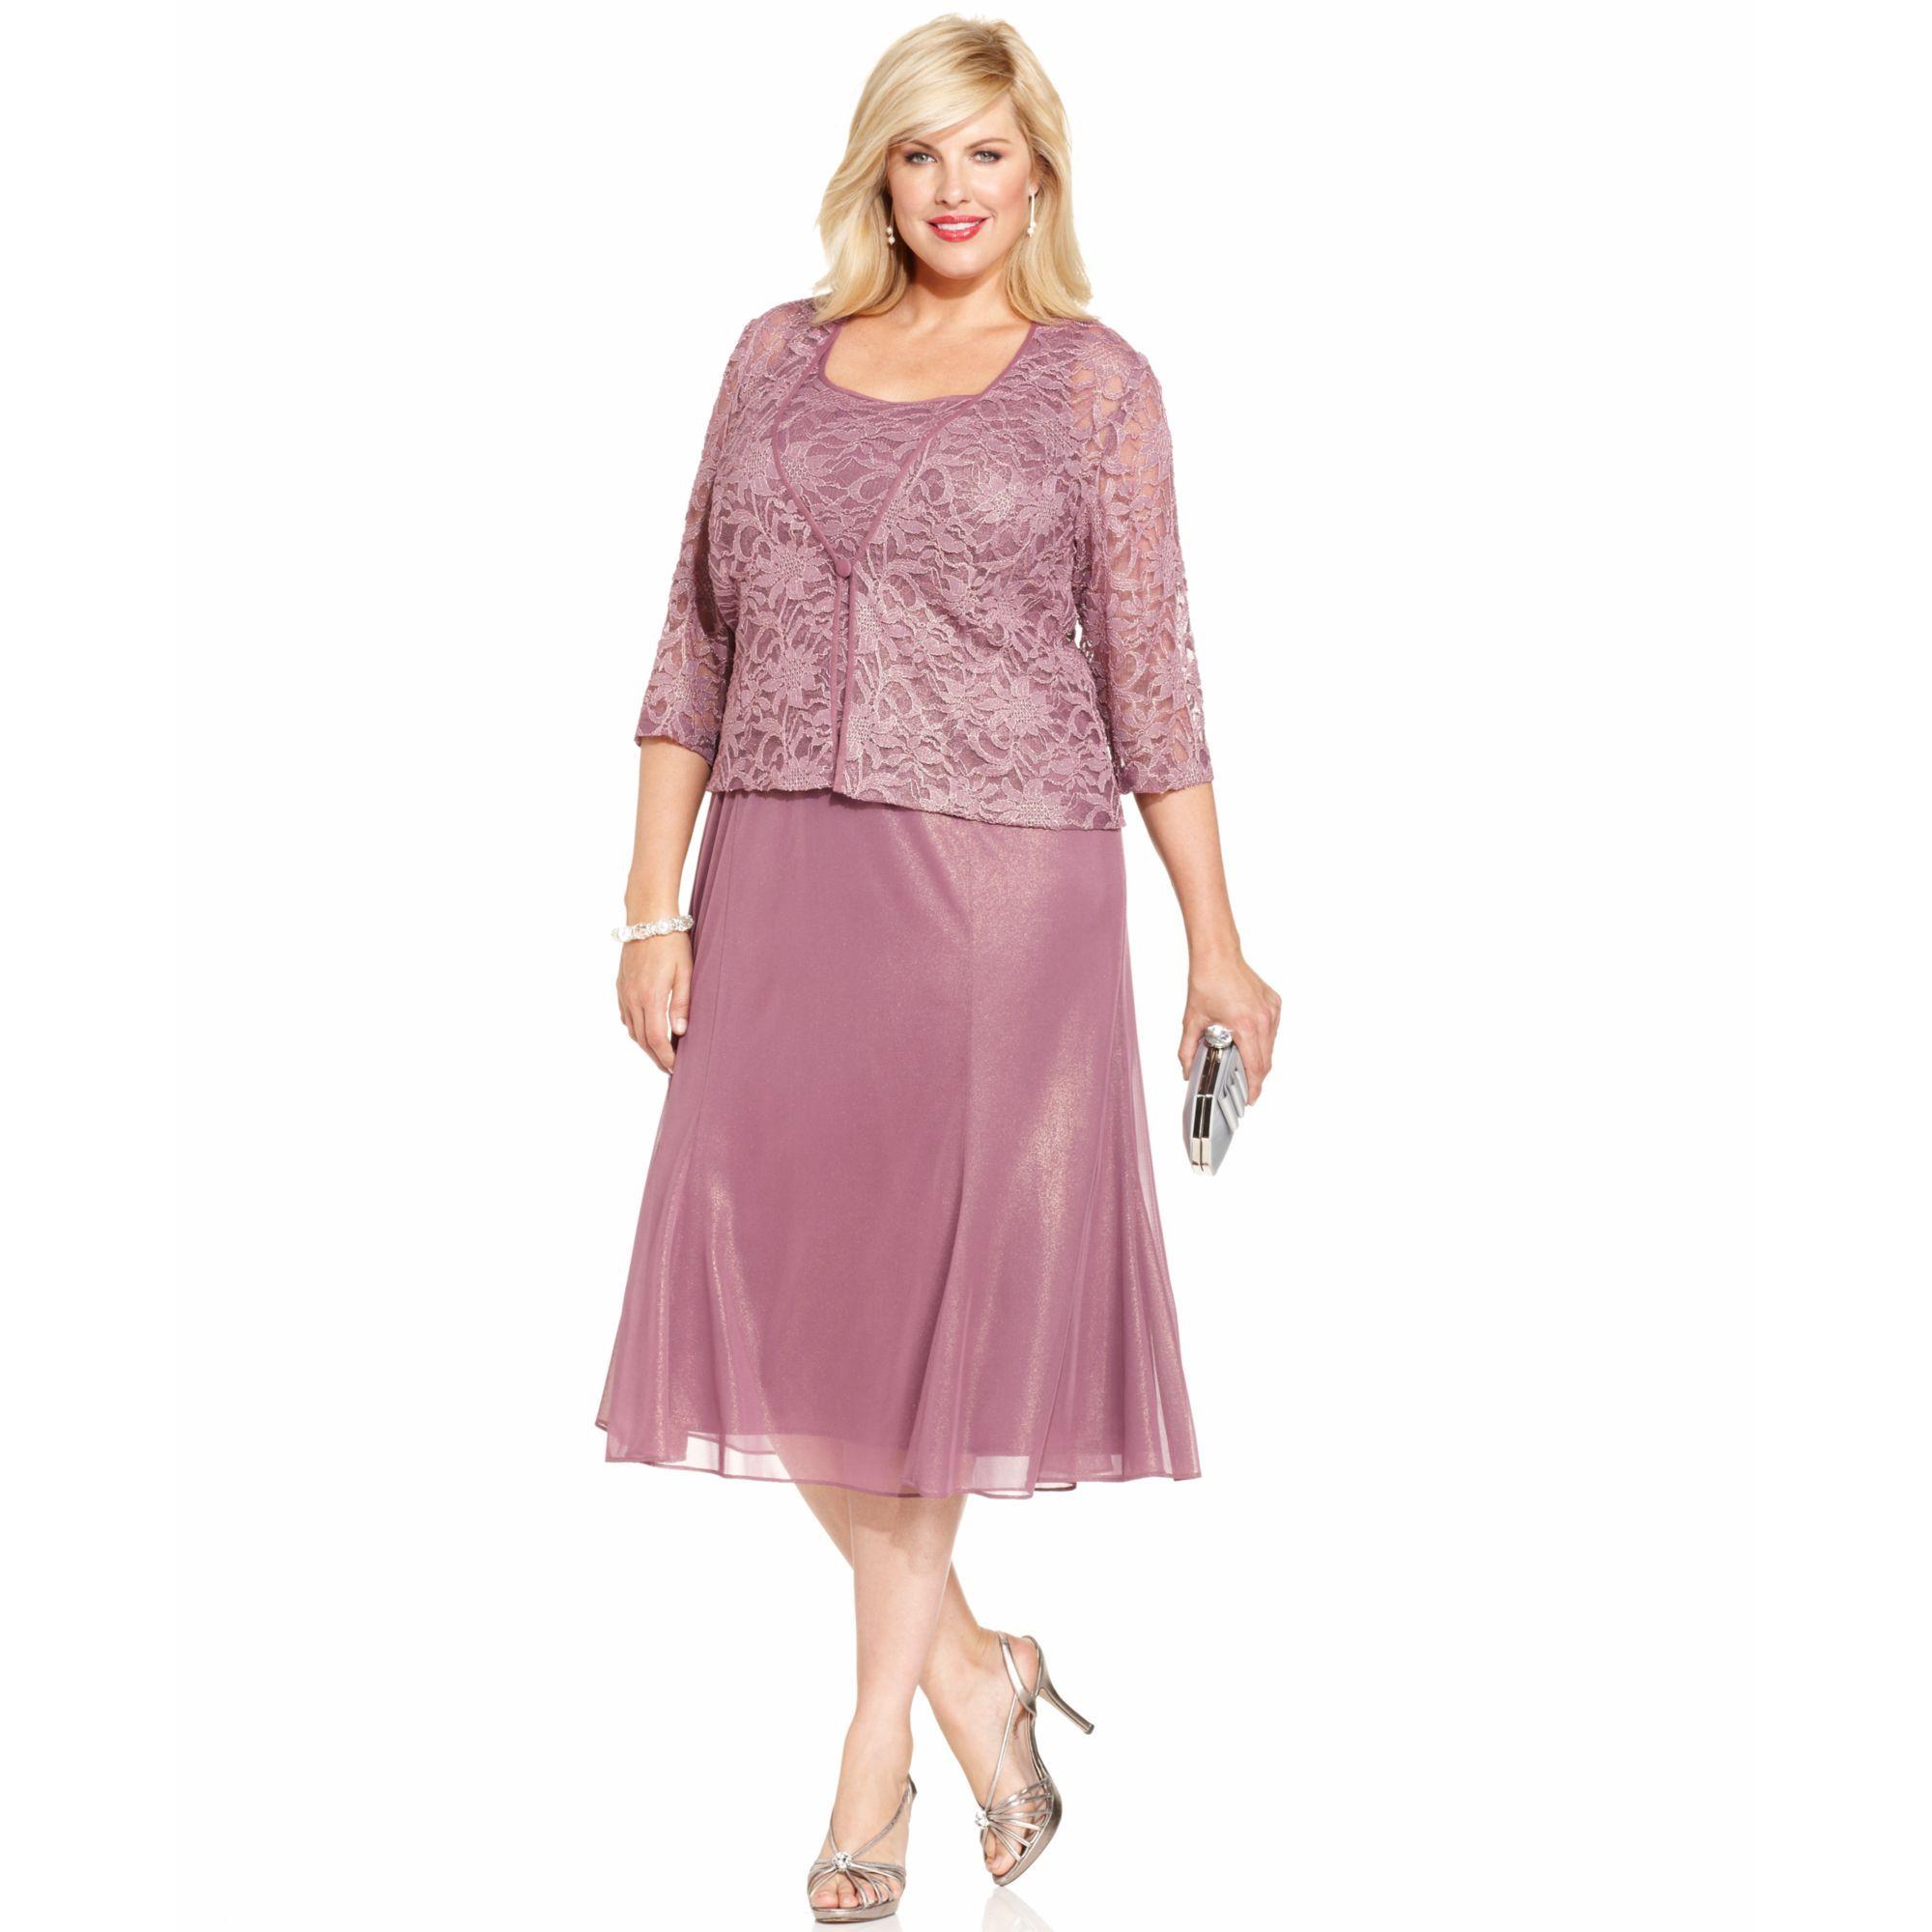 alex evening dress plus size | my fashion dresses | pinterest